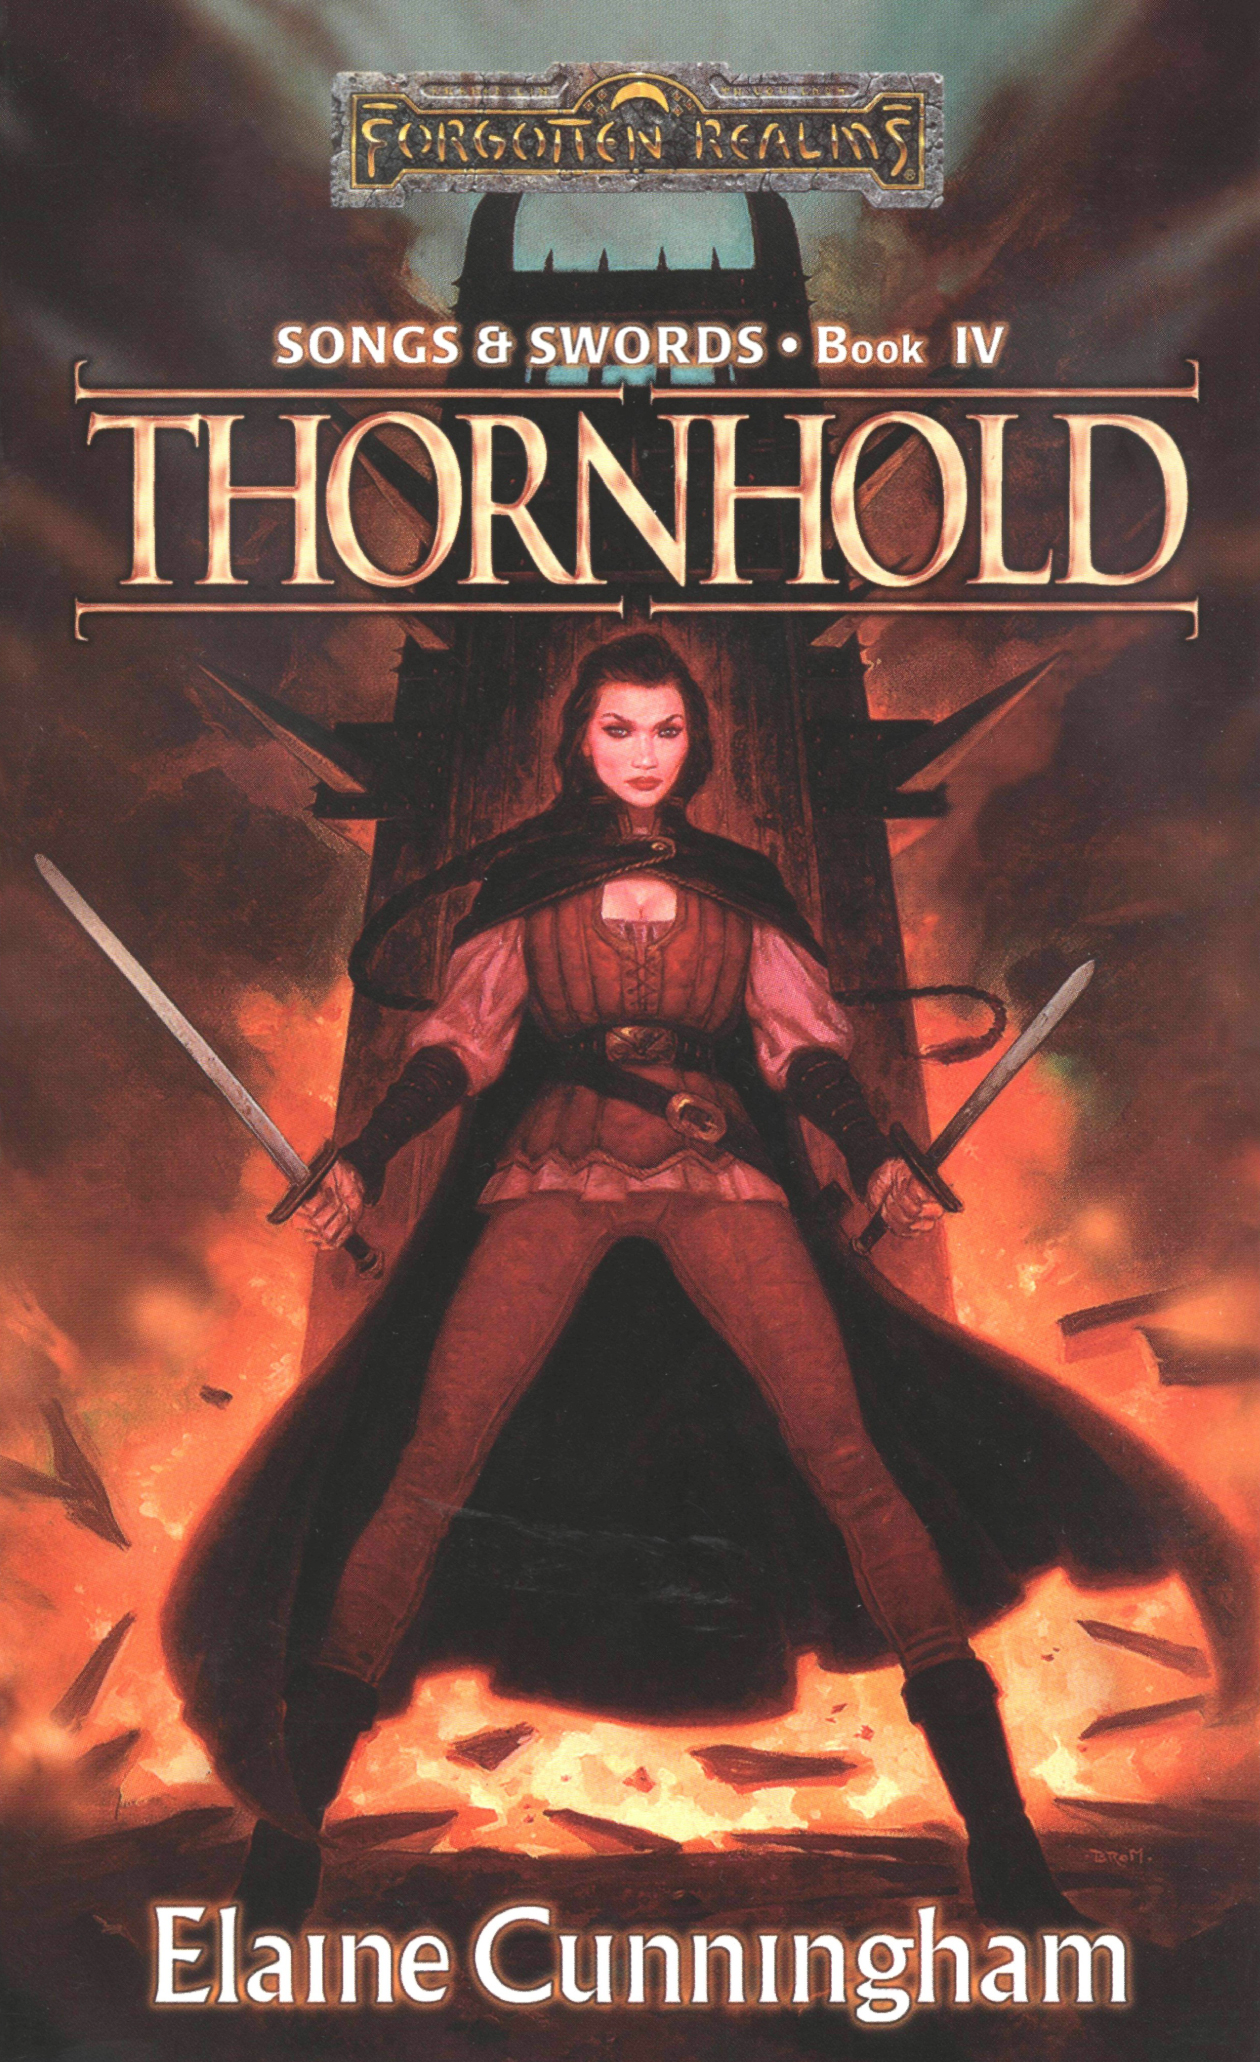 File:Thornhold.jpg